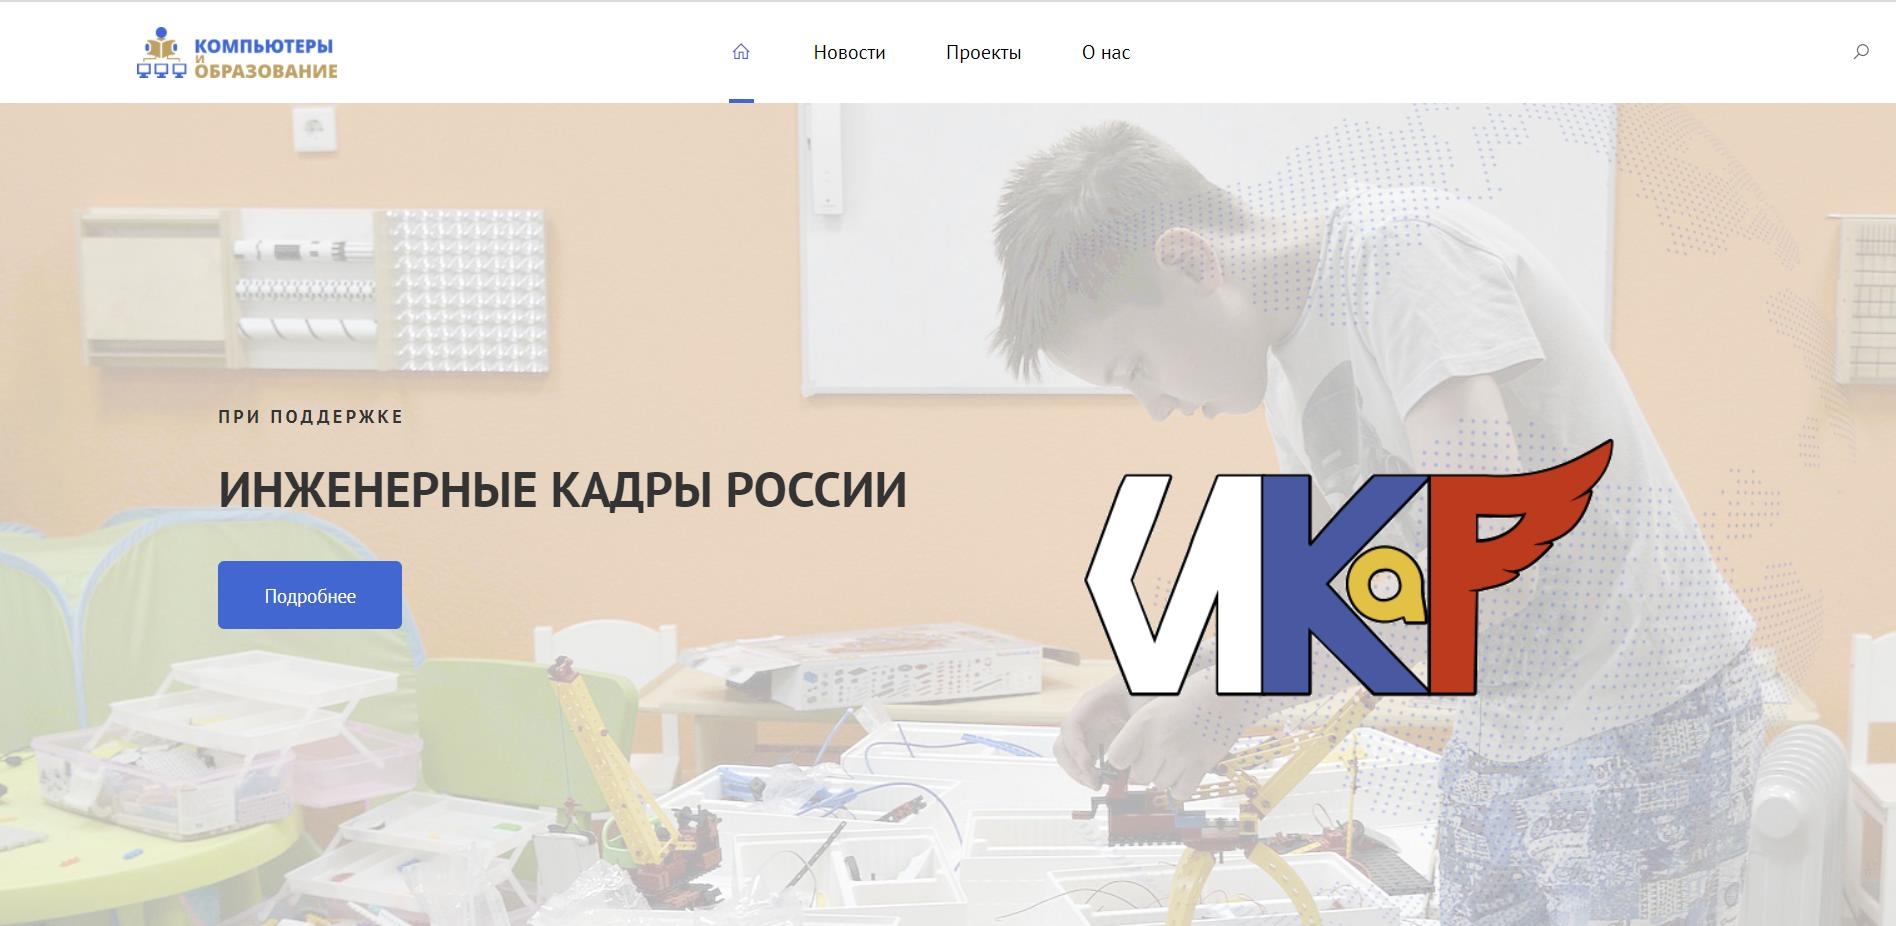 Сайт Компьютеры и образование